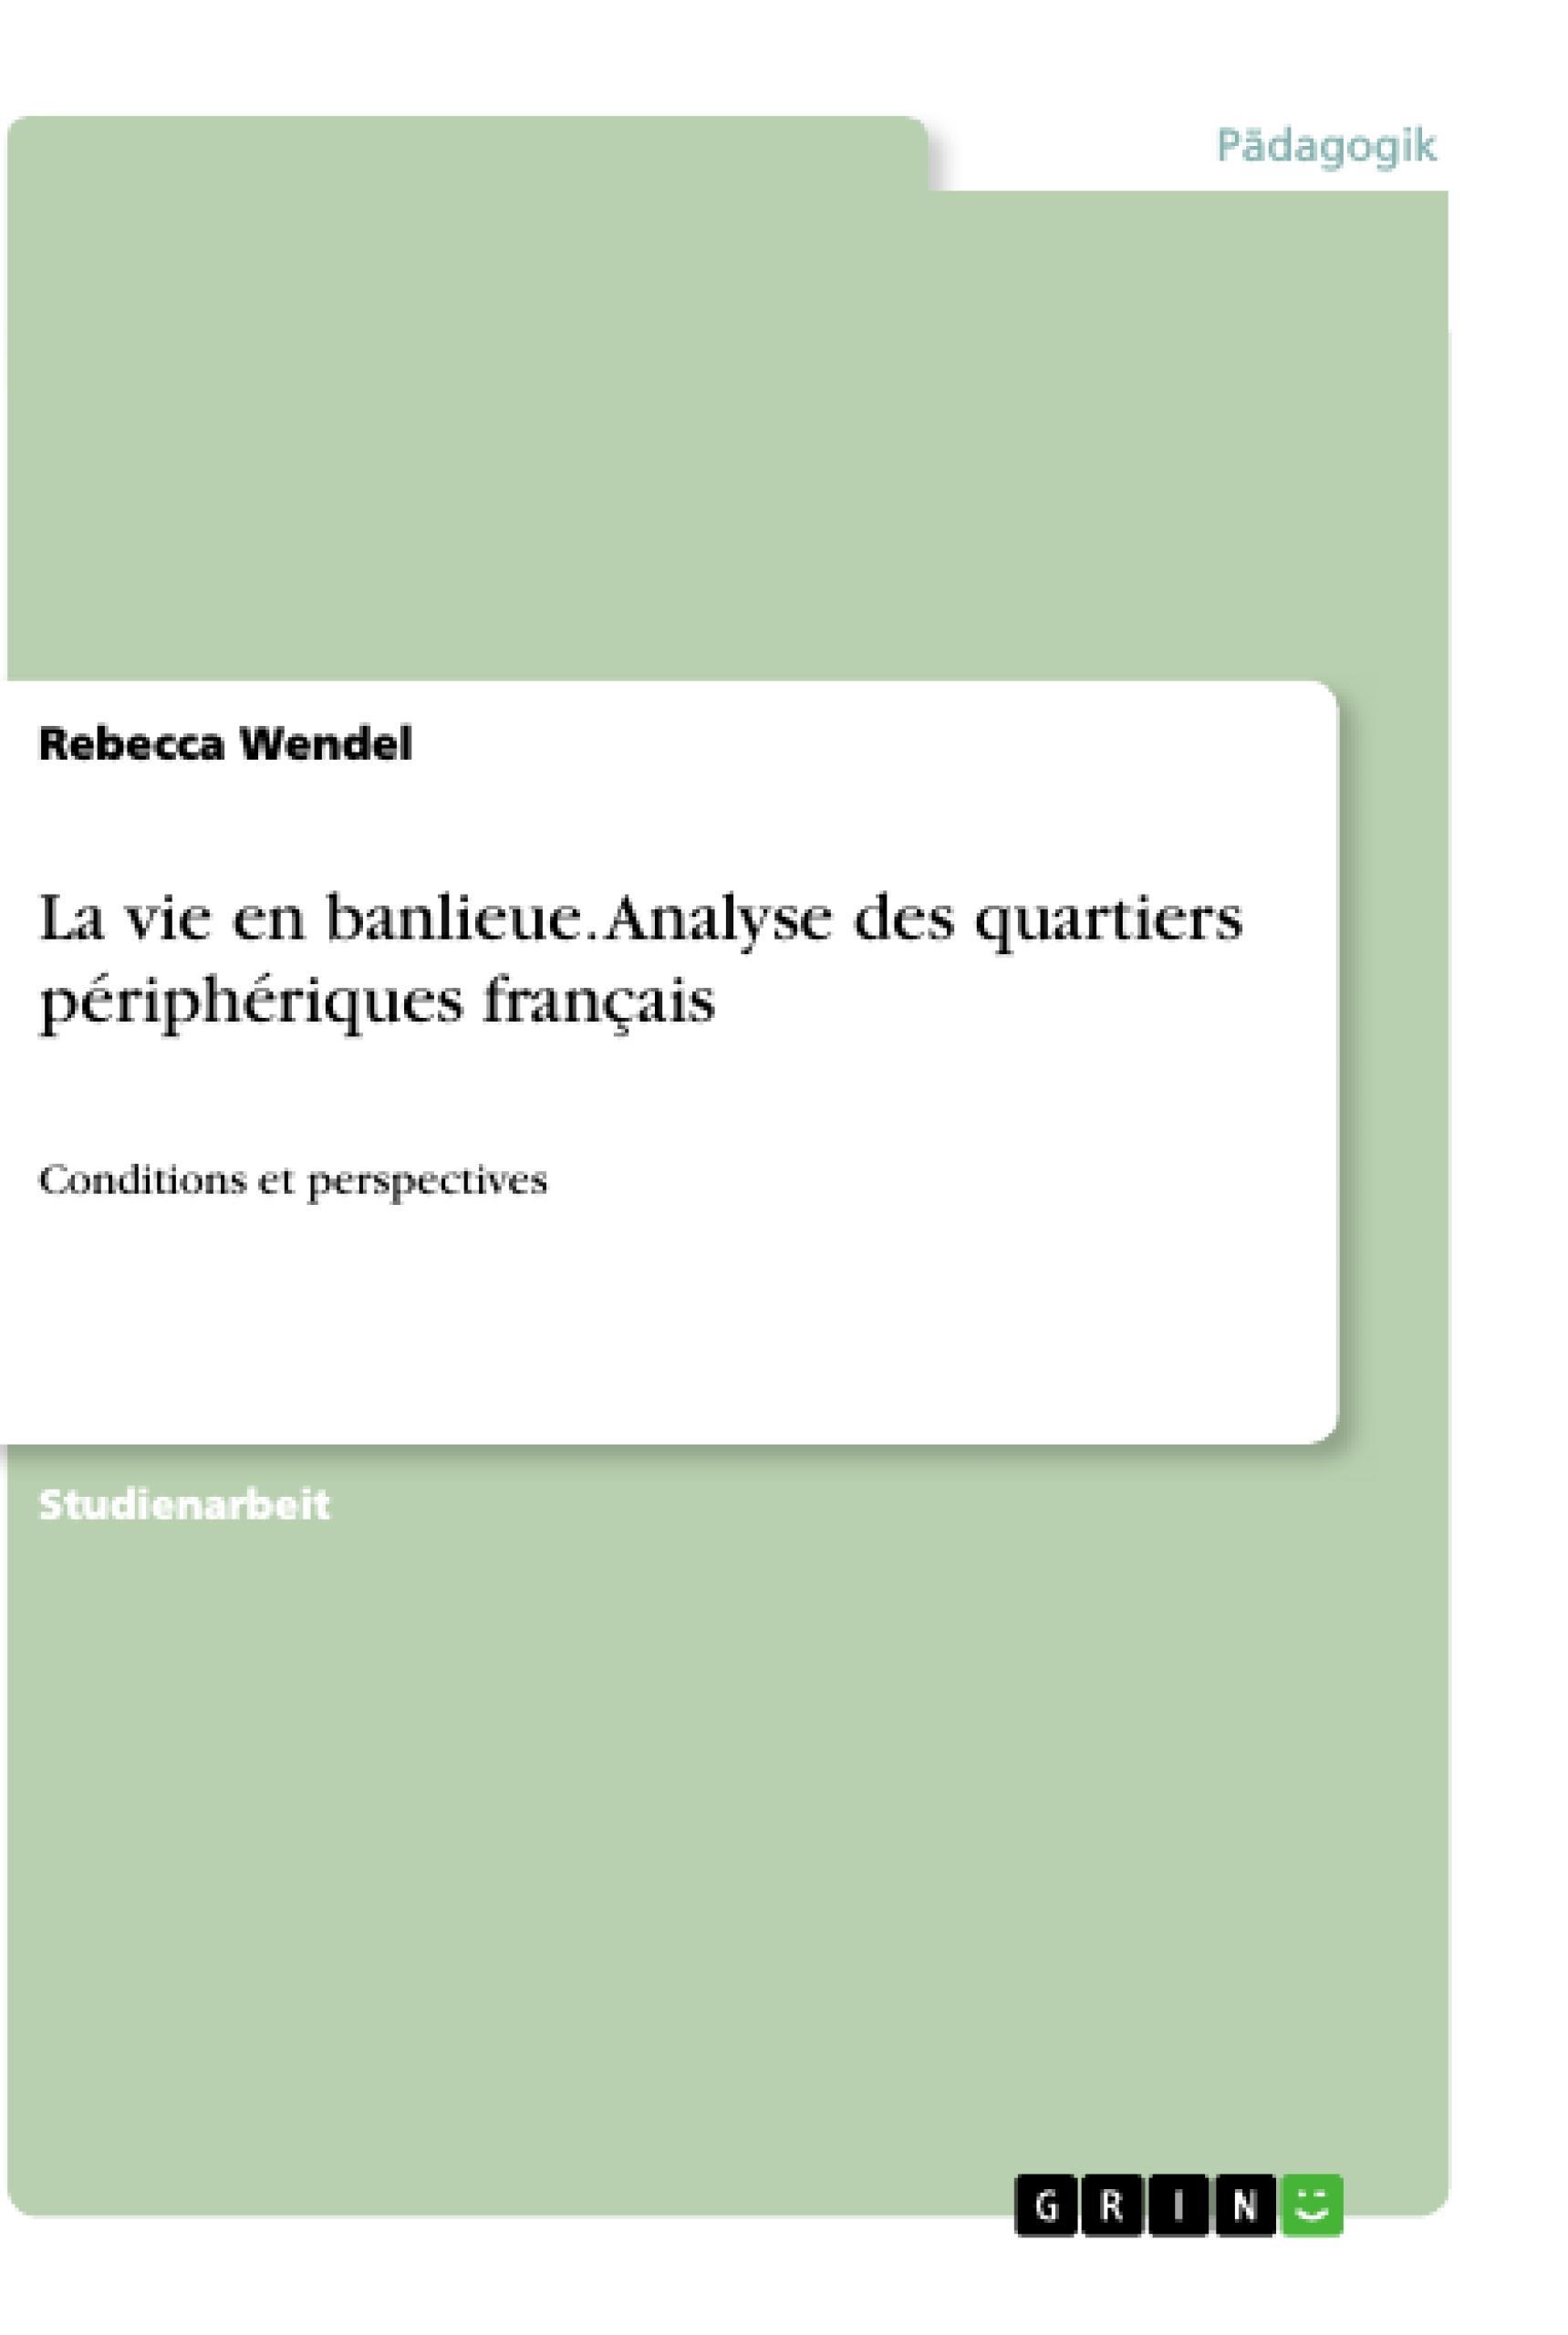 La vie en banlieue. Analyse des quartiers périphériques français  Conditions et perspectives  Rebecca Wendel  Taschenbuch  Paperback  Deutsch  2018 - Wendel, Rebecca